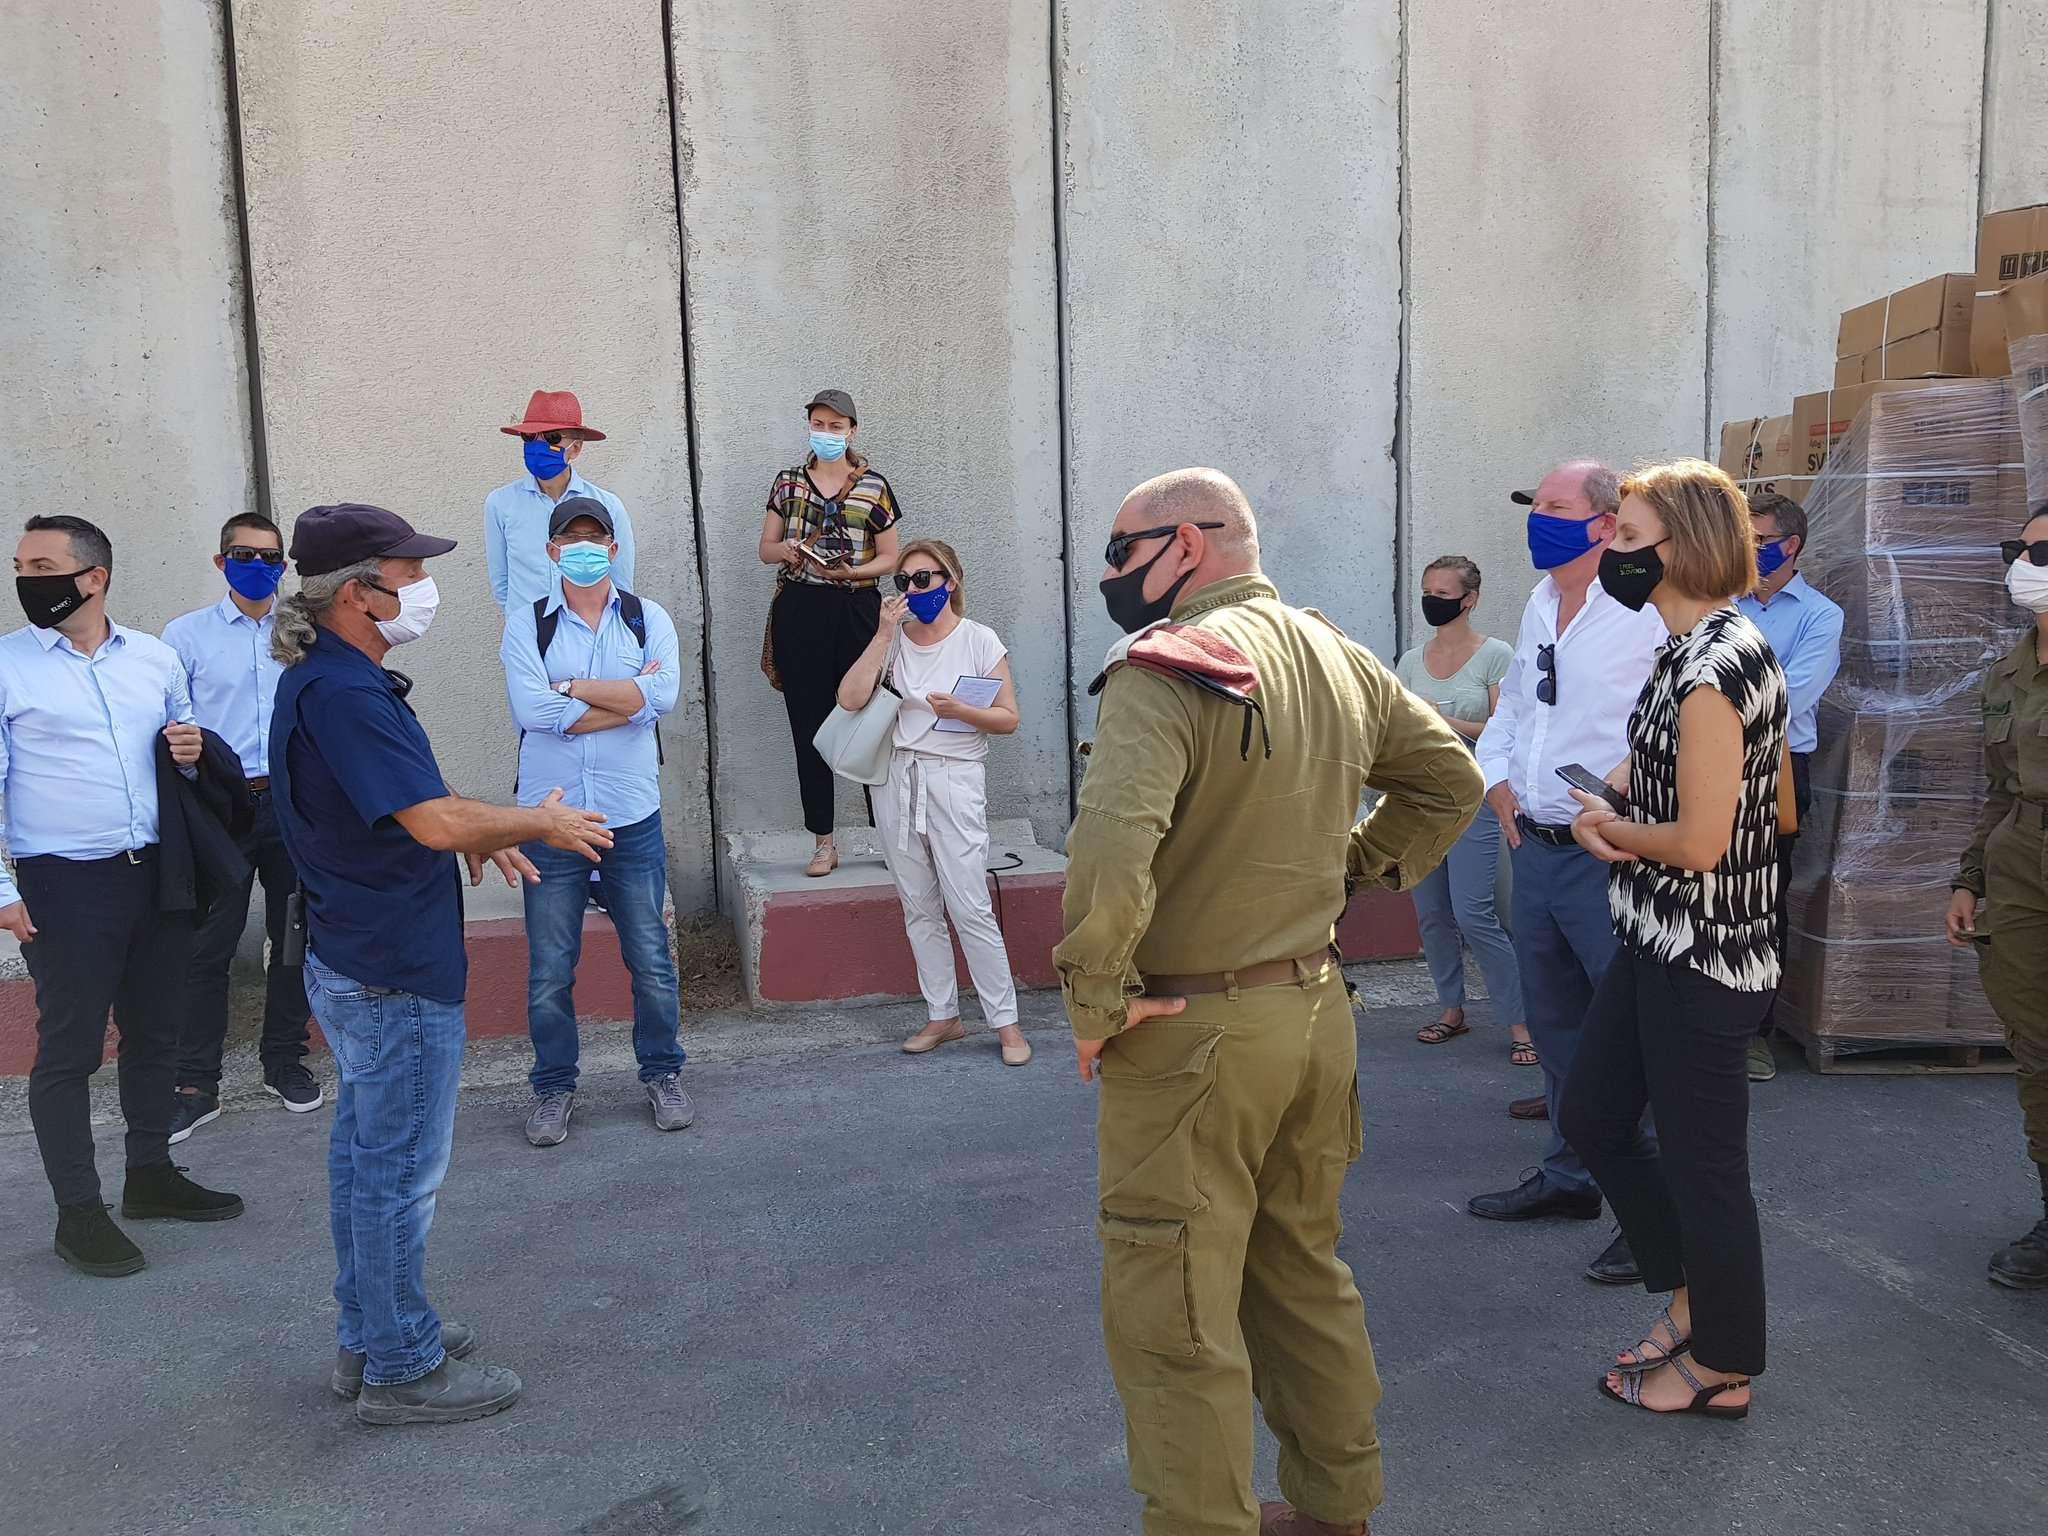 Euro-Med Monitor regrets EU diplomats visit to southern Israel